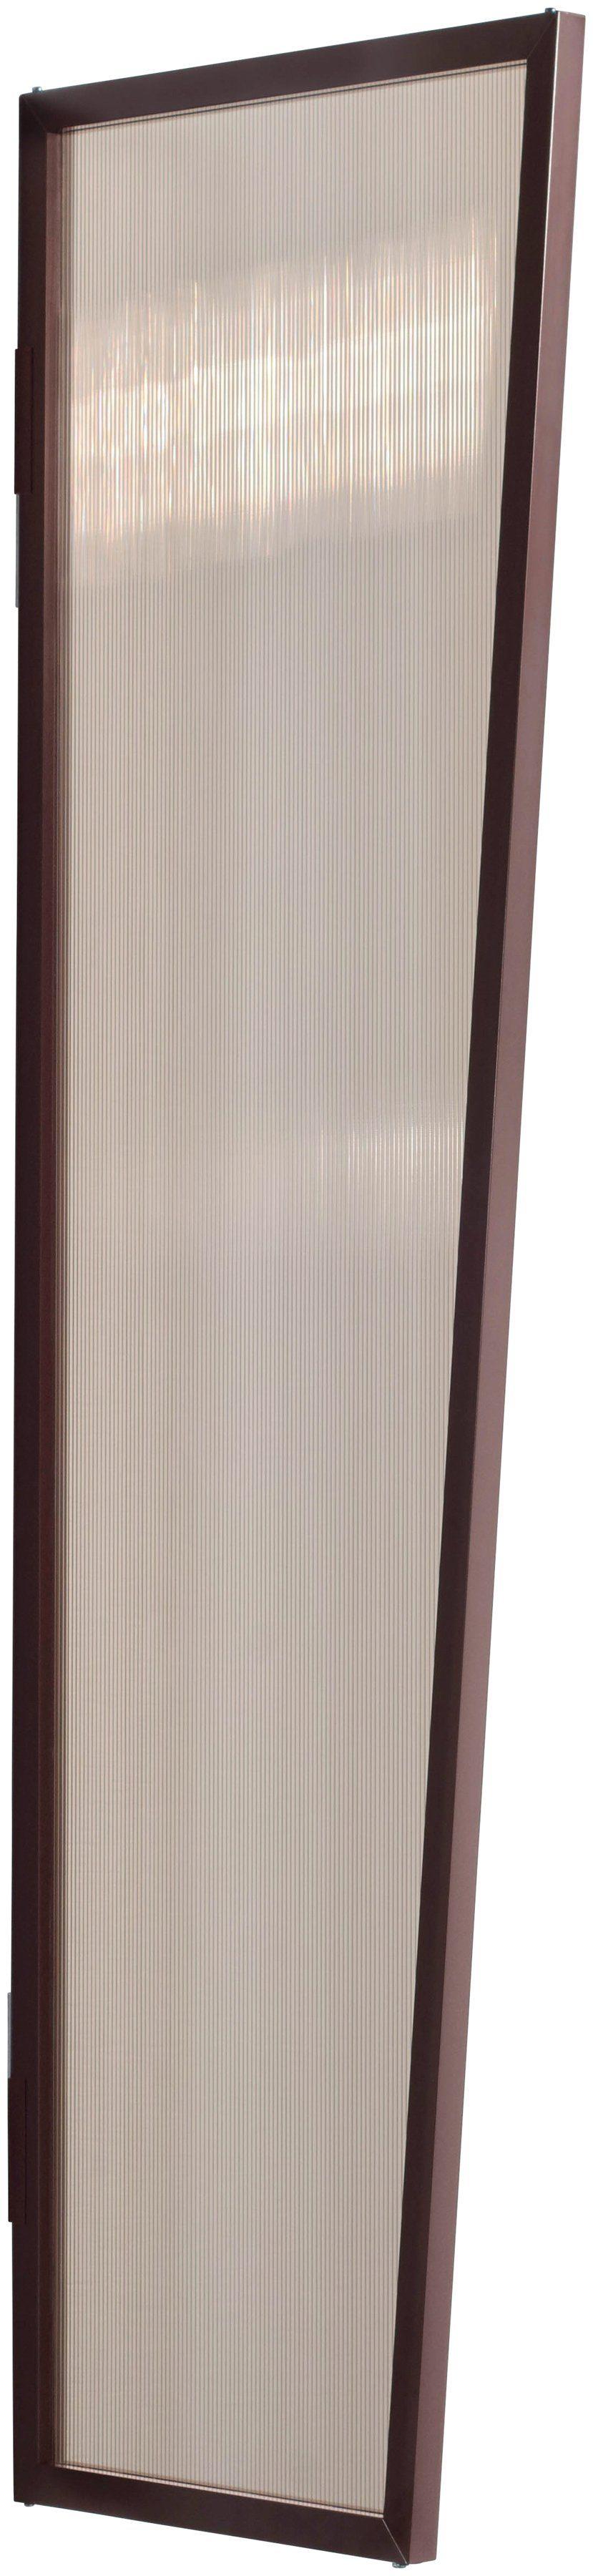 Gutta Seitenblende »B1 PC bronce«, BxH: 60x200 cm, braun